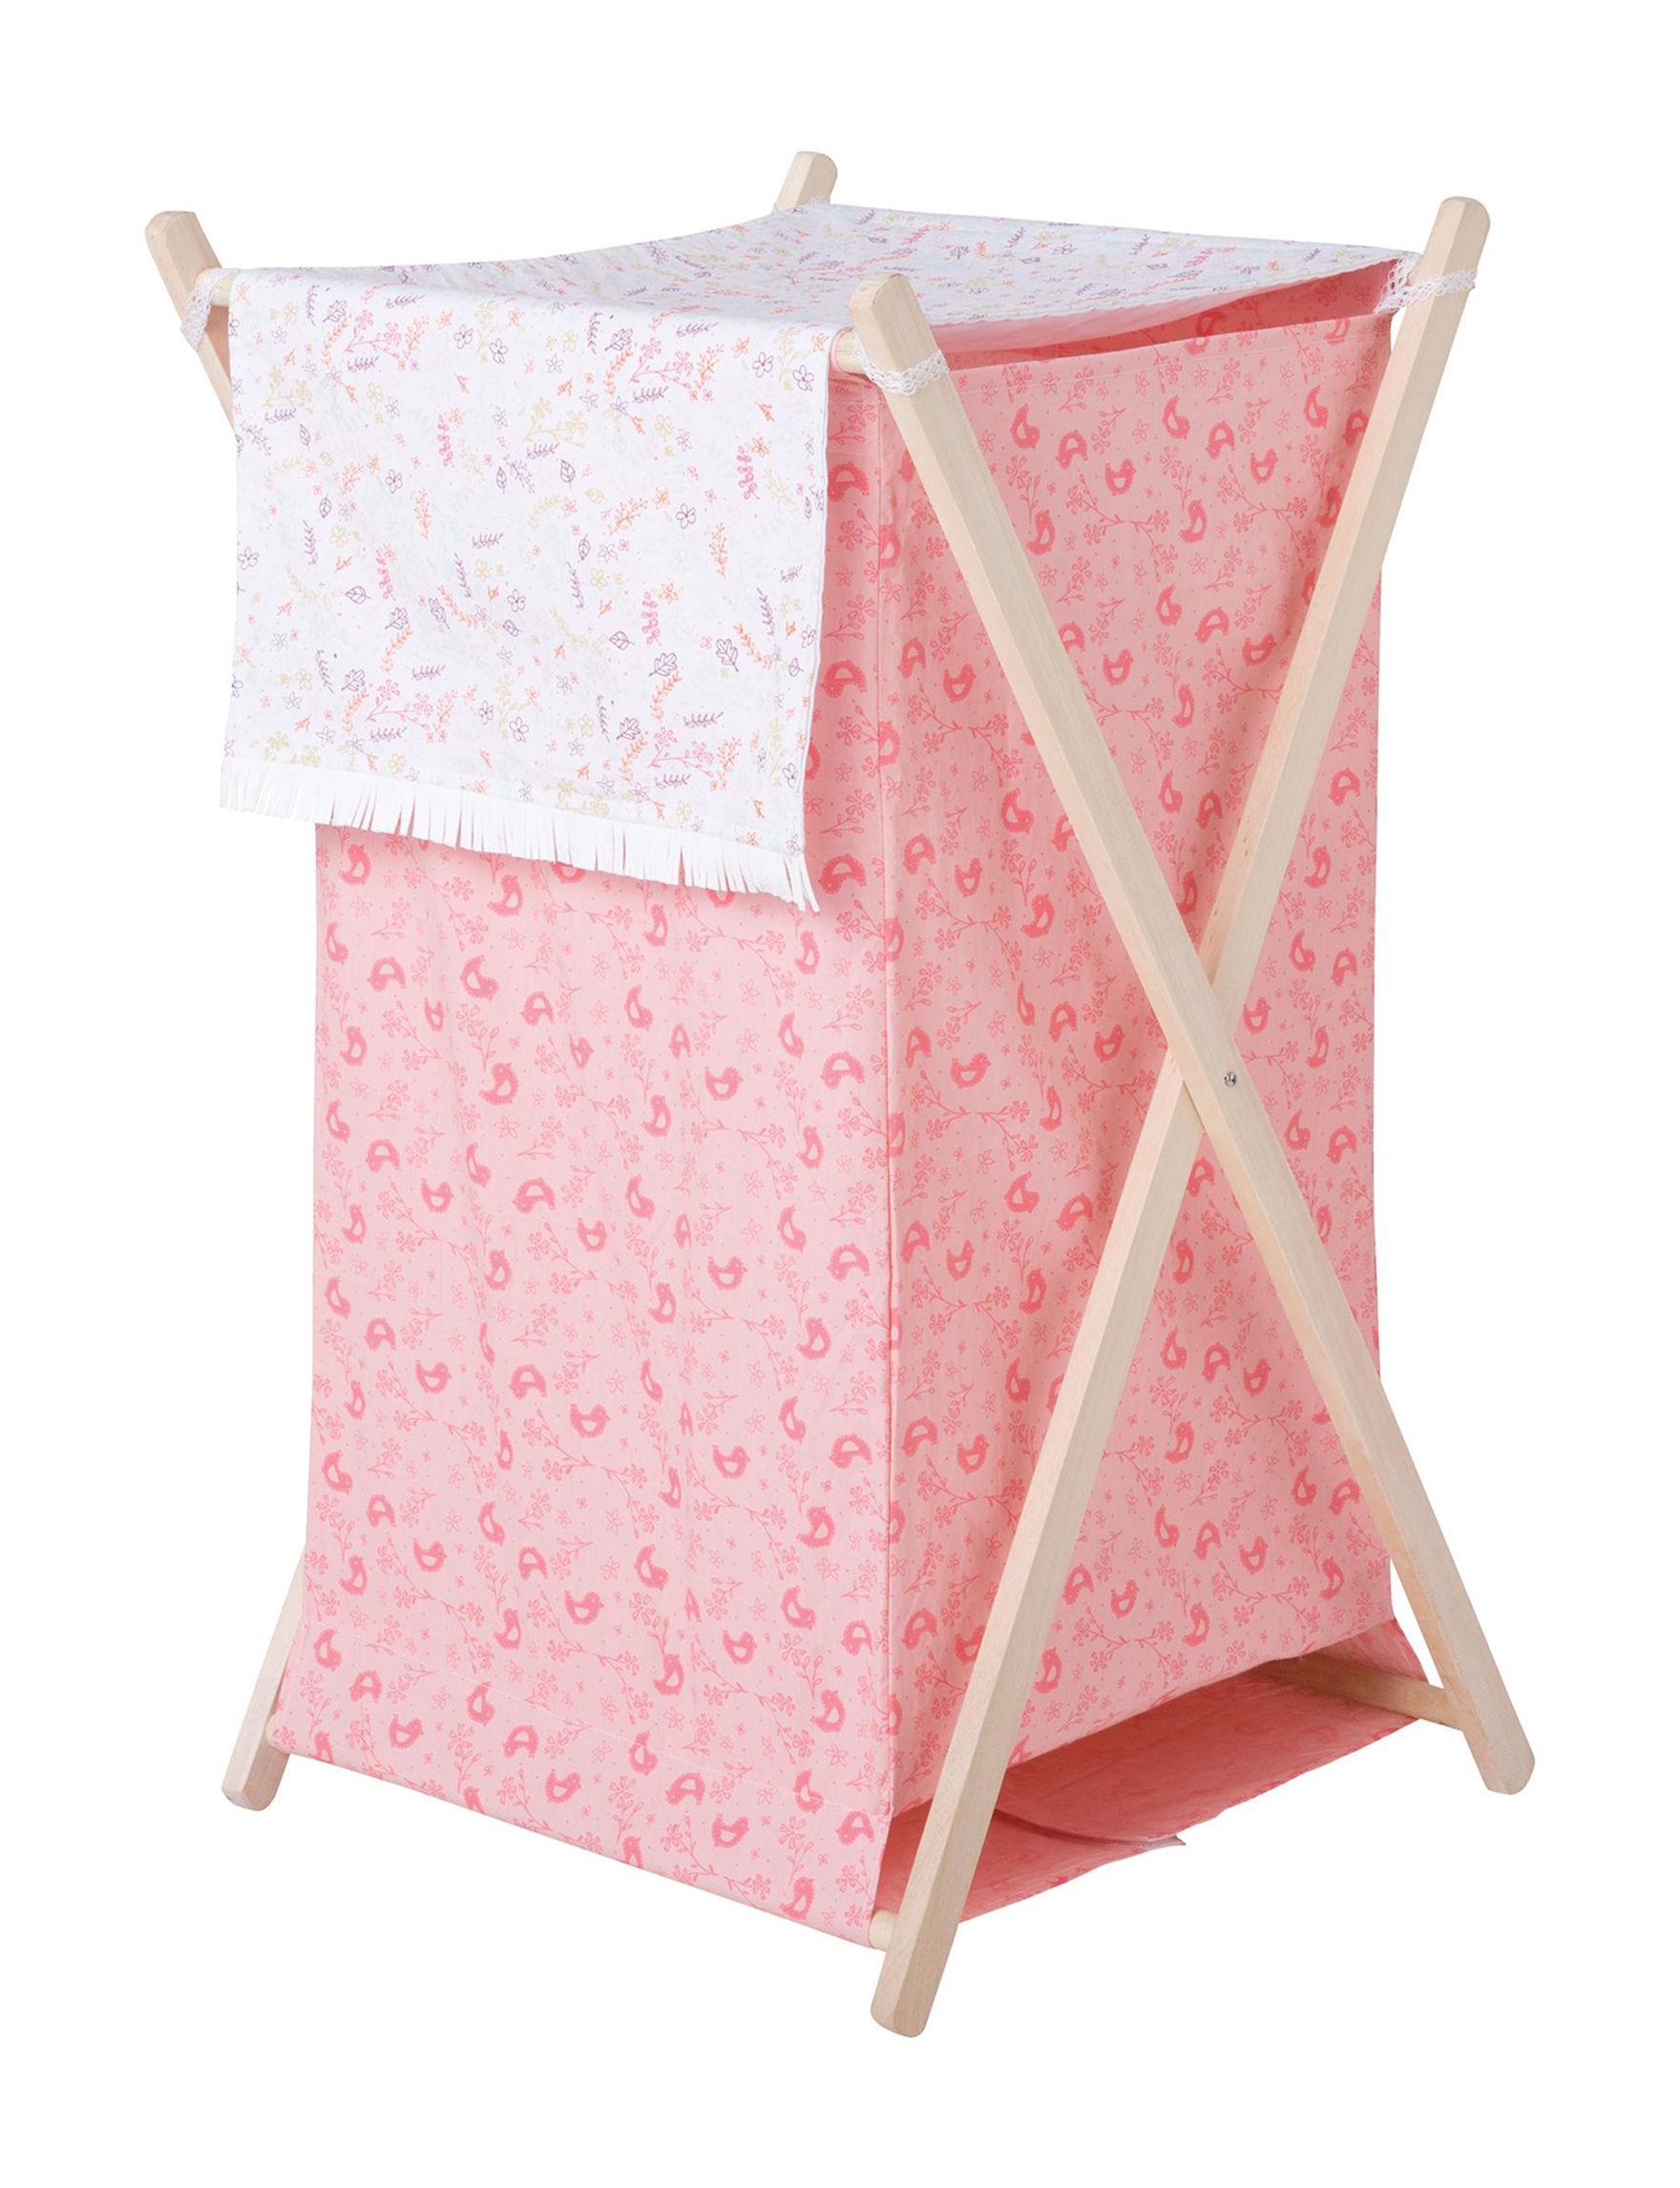 Trend Lab Pink Storage & Organization